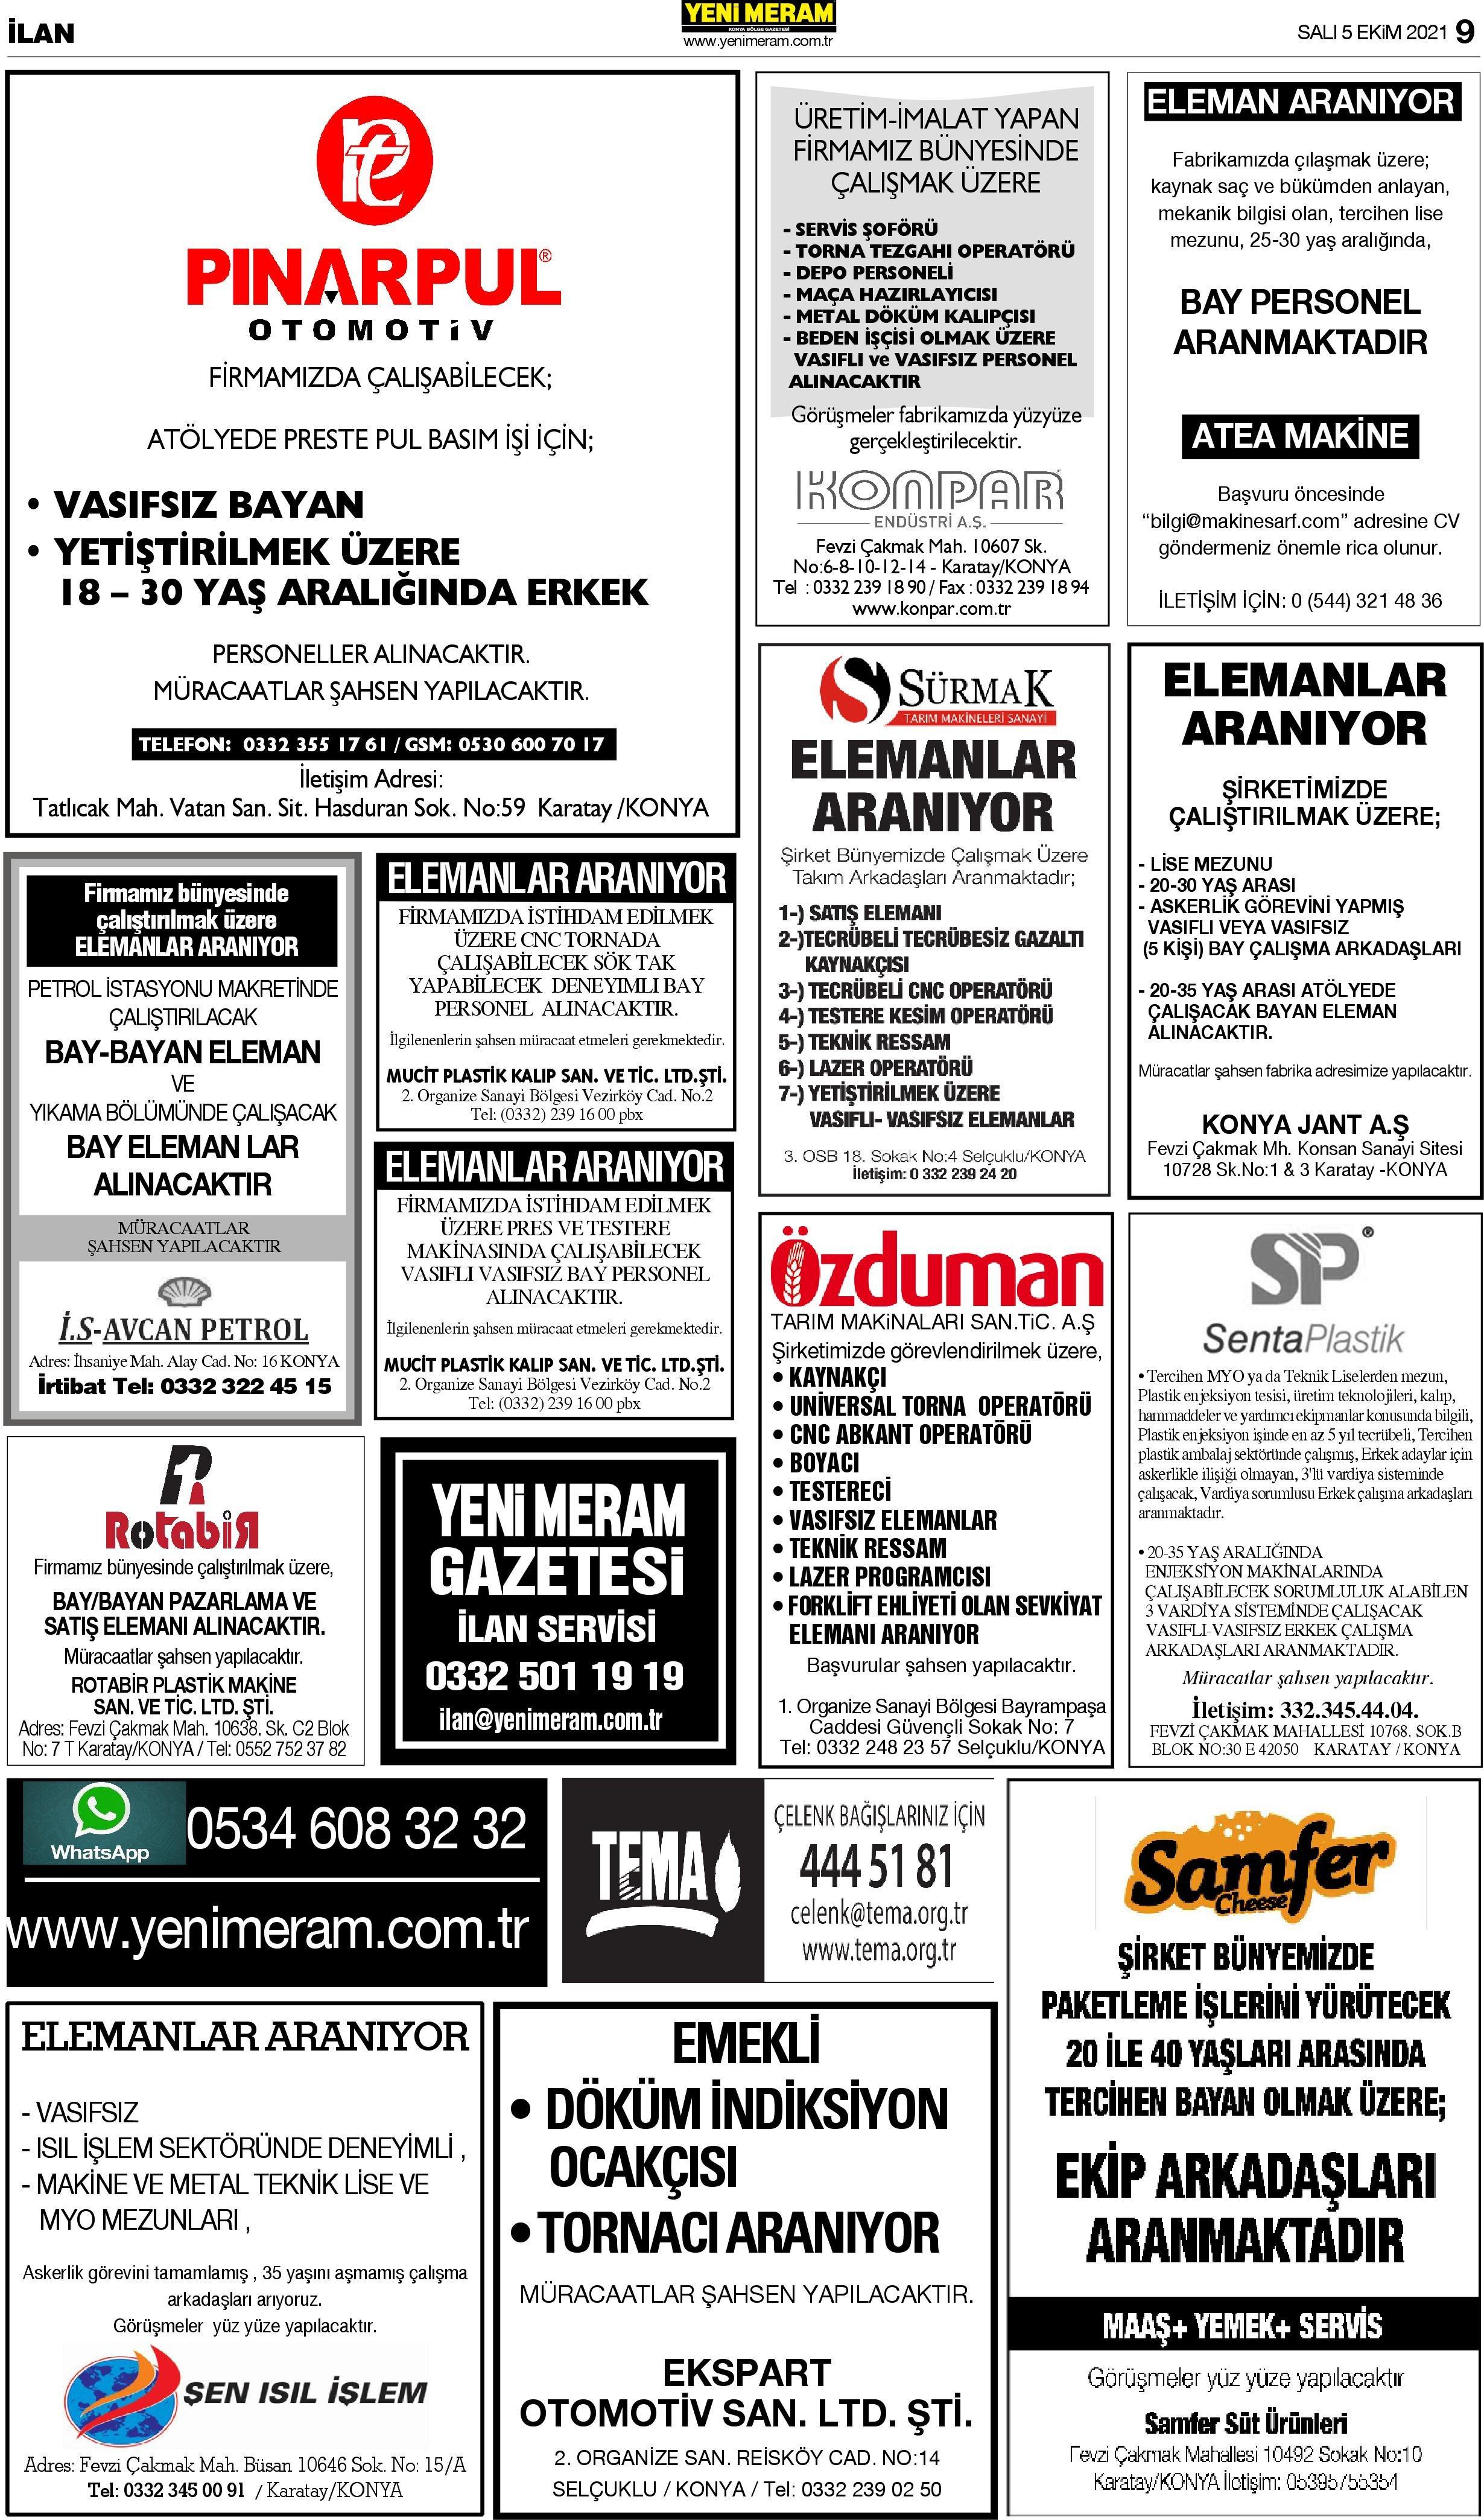 5 Ekim 2021 Yeni Meram Gazetesi